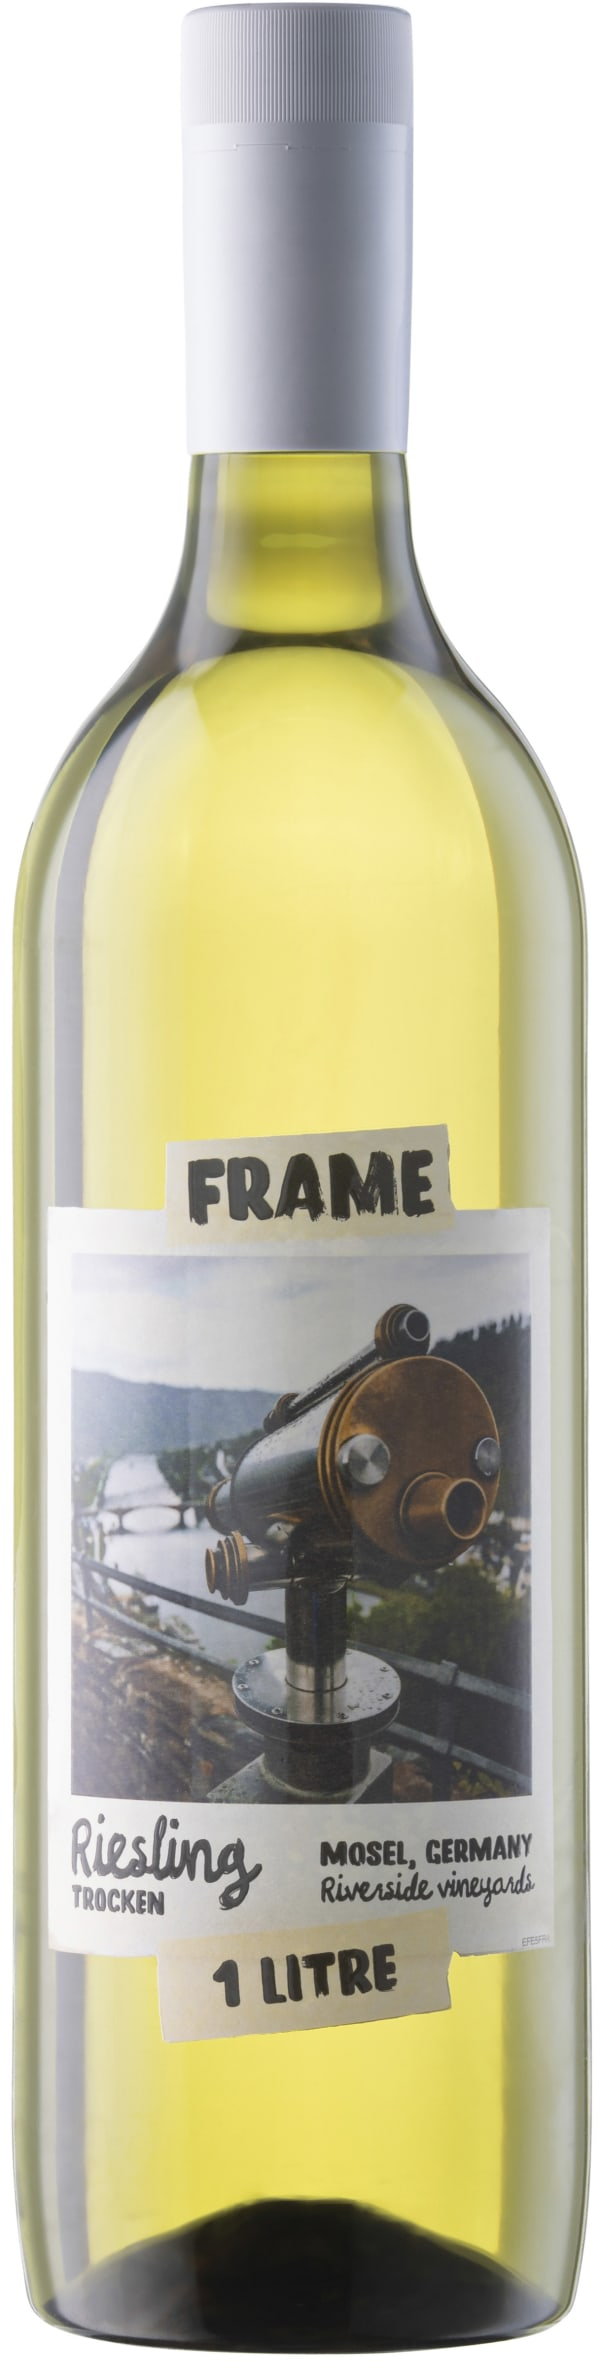 Frame Riesling Trocken plastic bottle